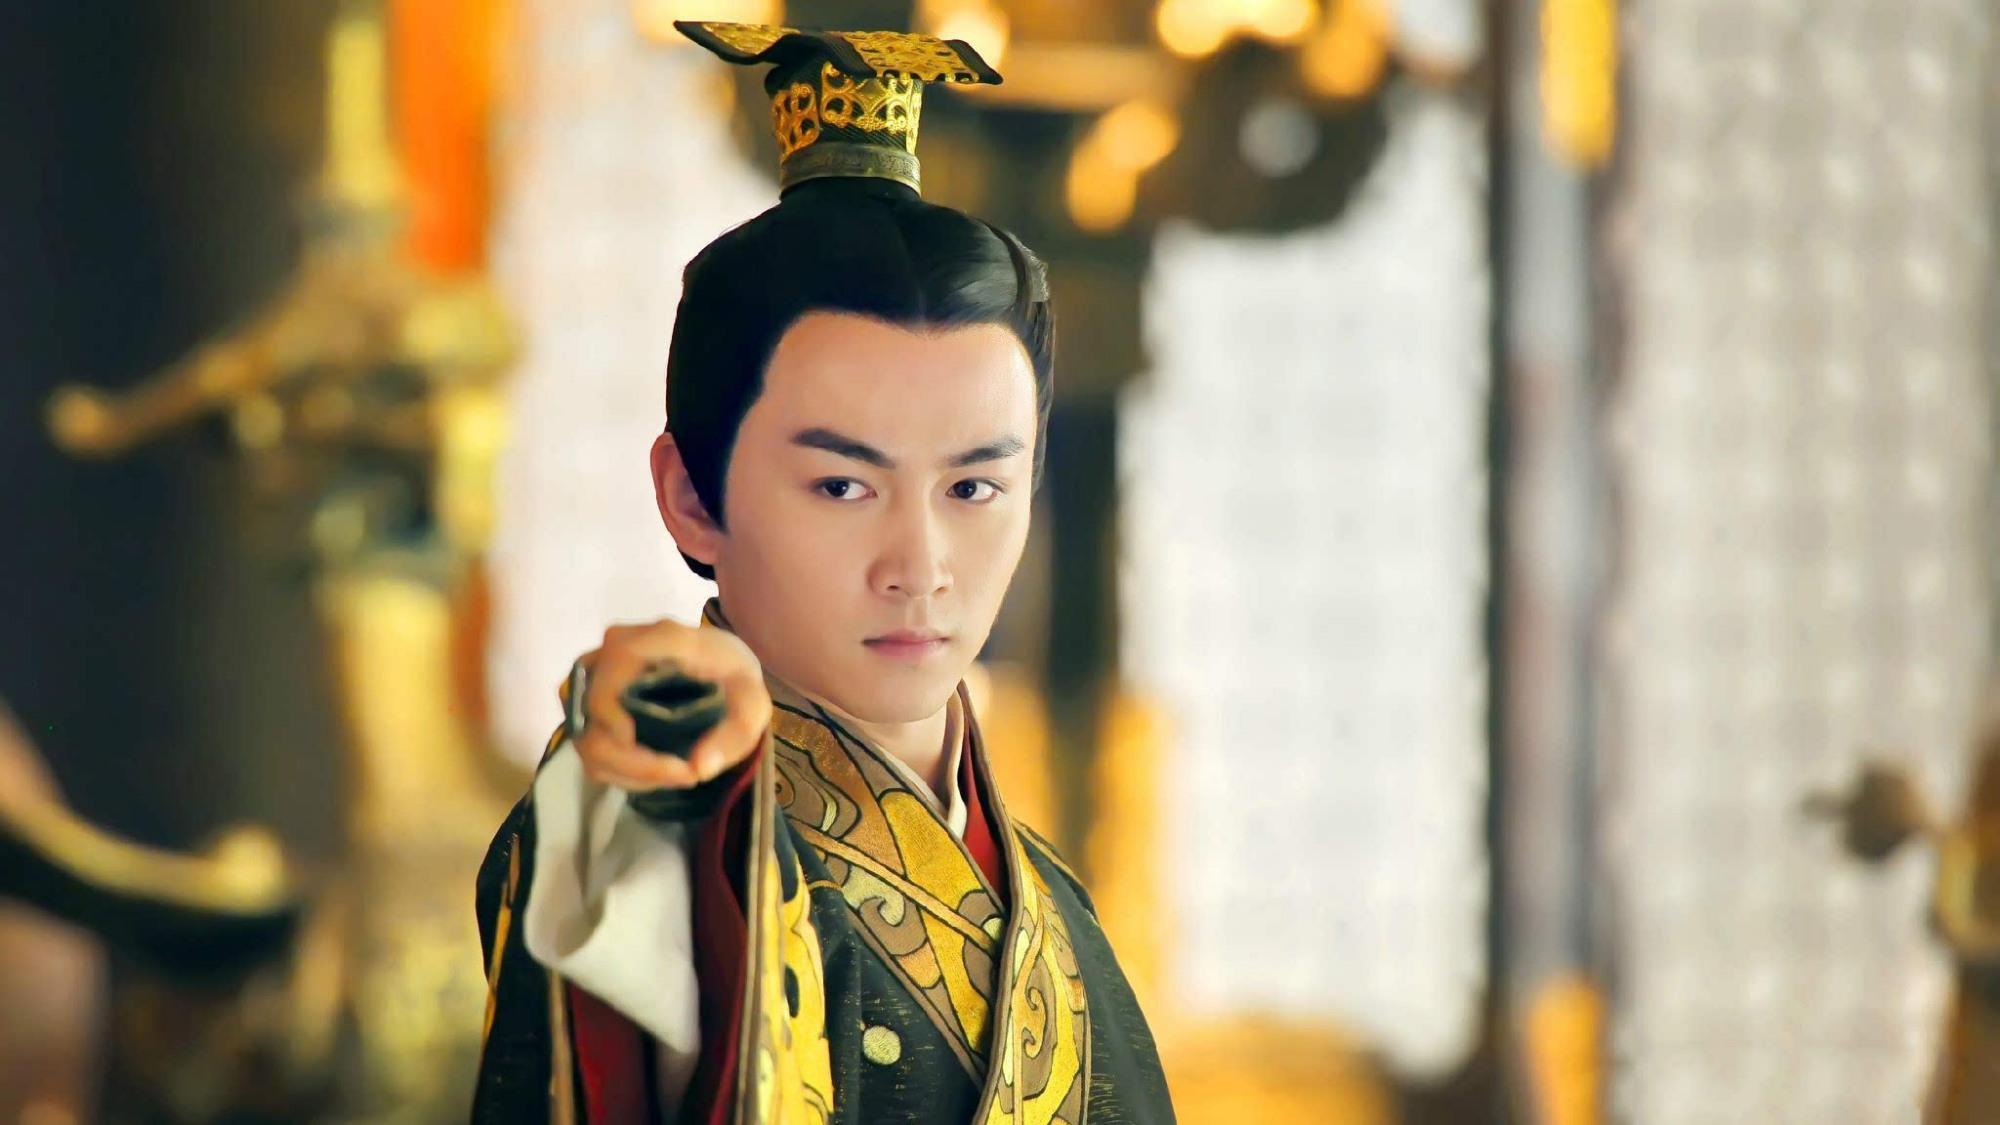 汉宣帝_死了五个未婚夫的美女,皇帝可怜她嫁不出去,把她册封为大汉 ...